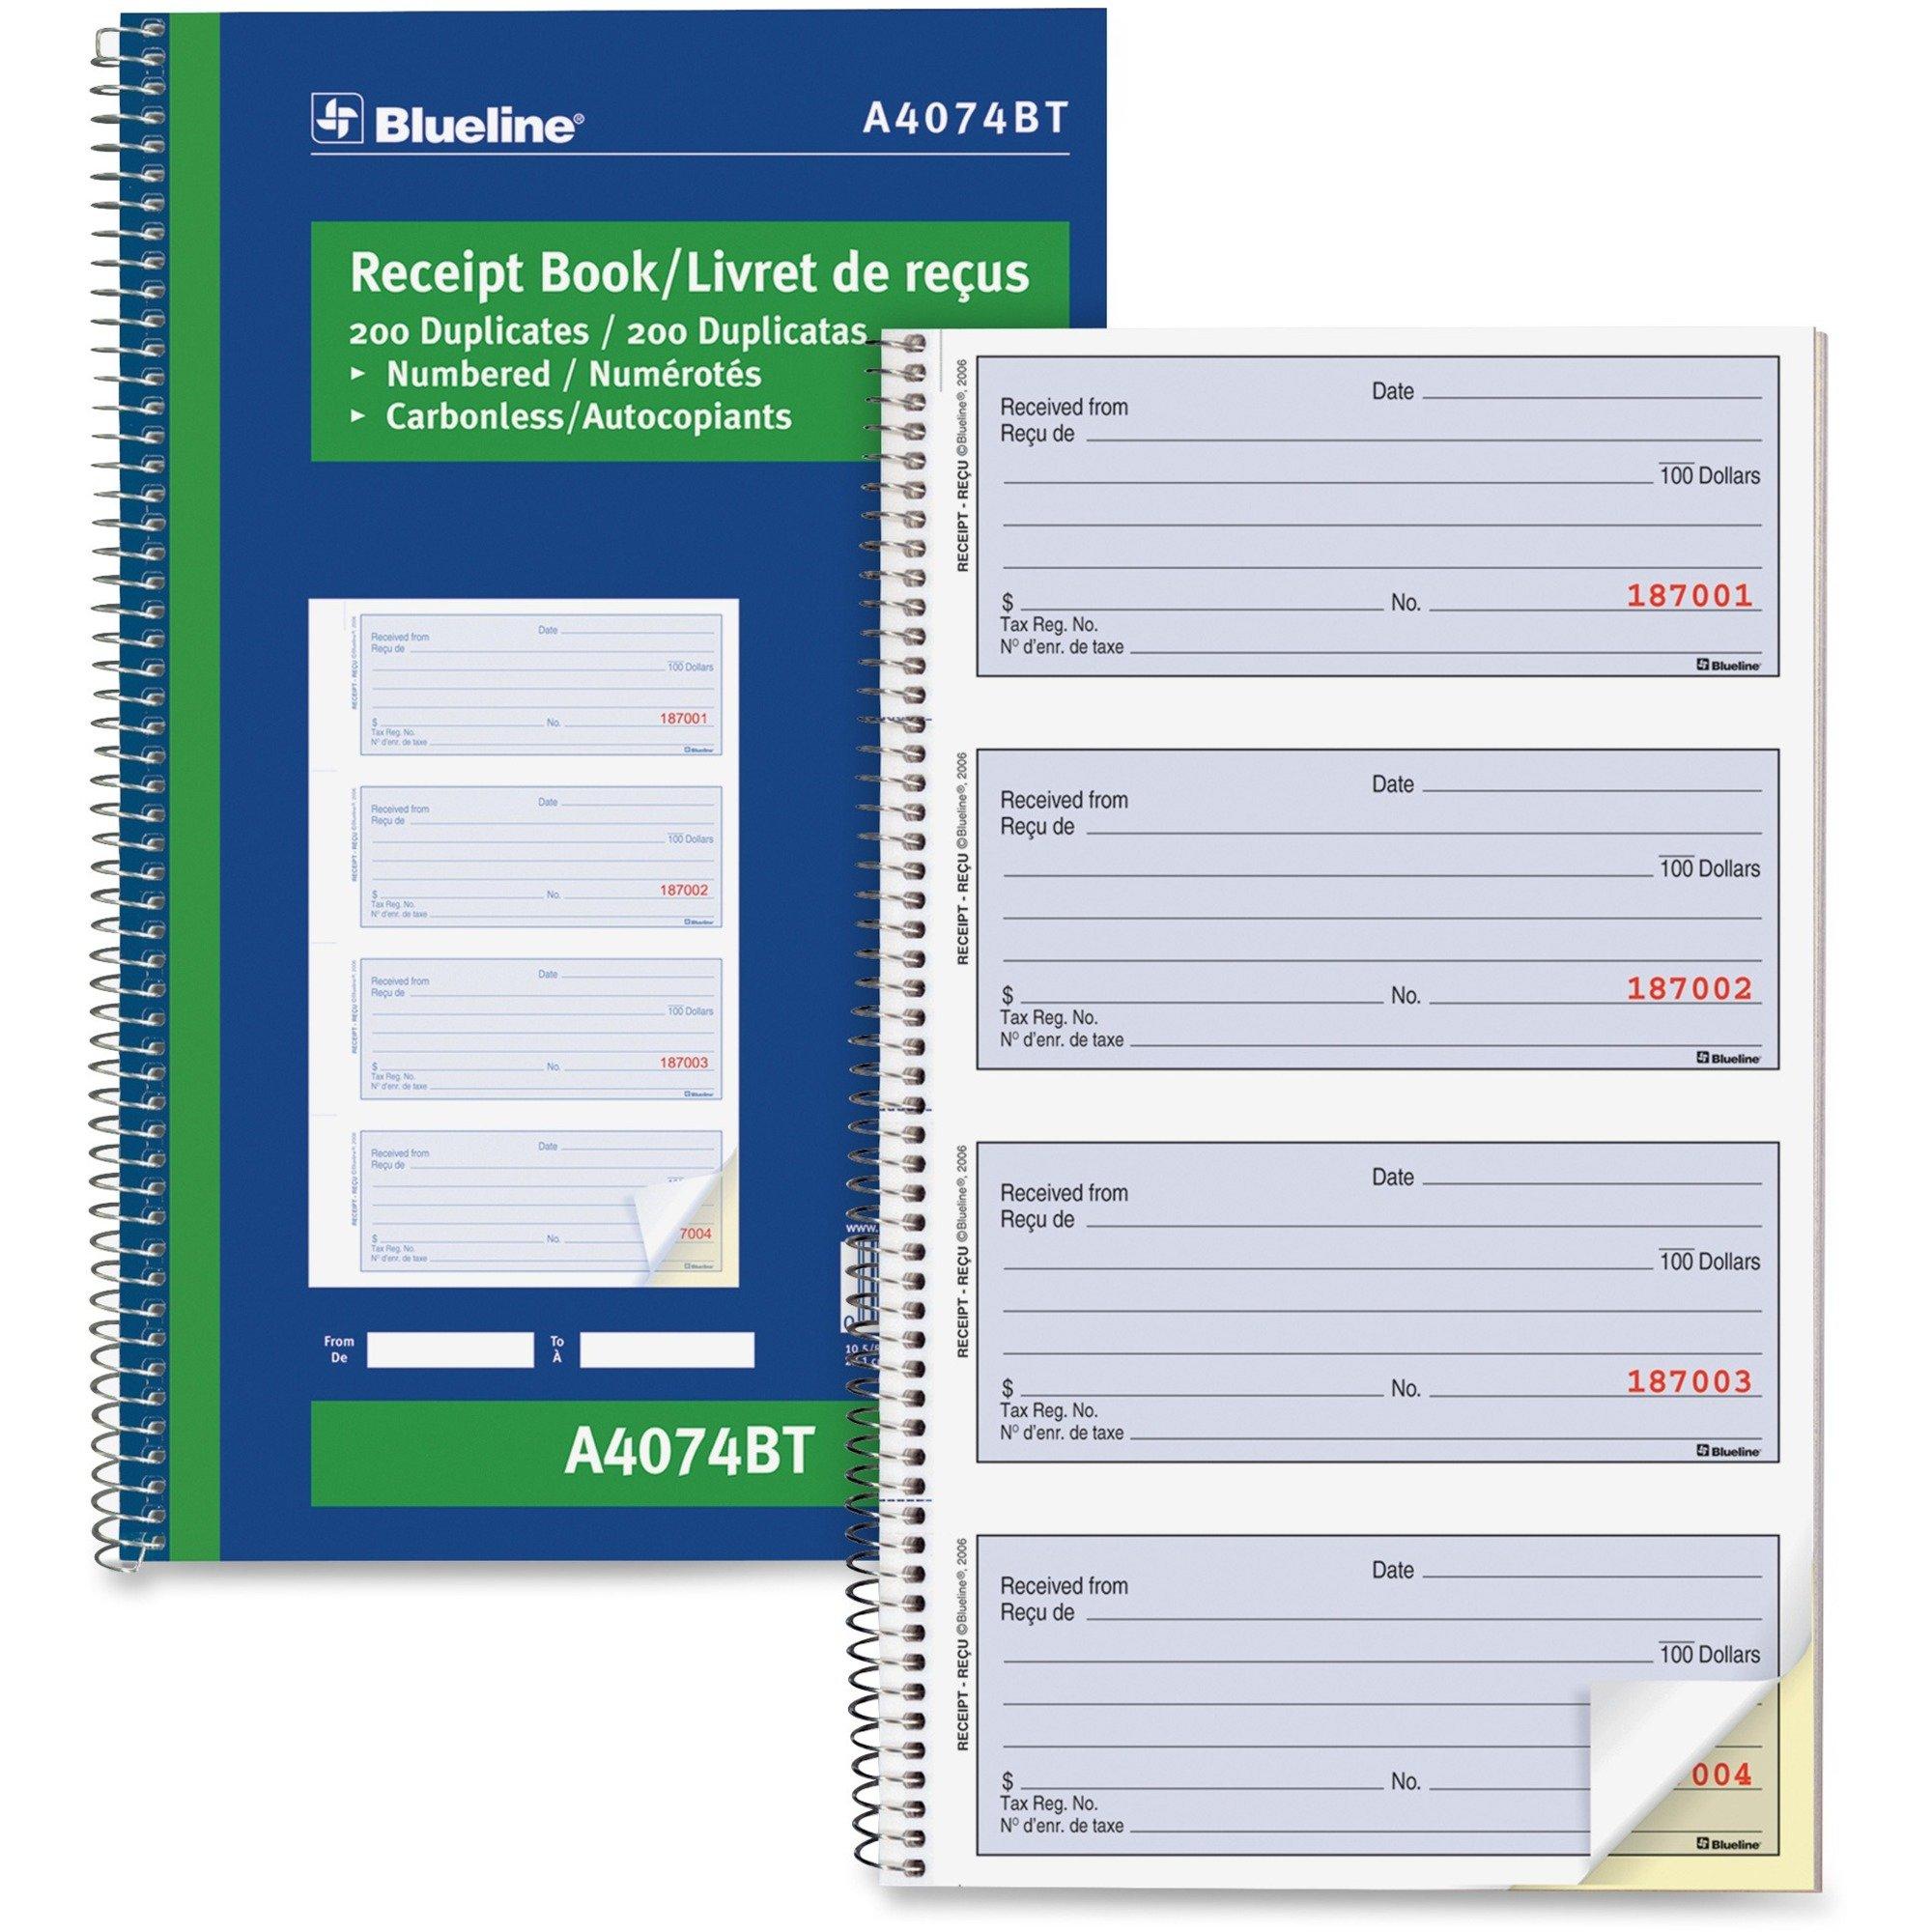 Blueline Bilingual Receipt Book - 2 part Carbon Copy